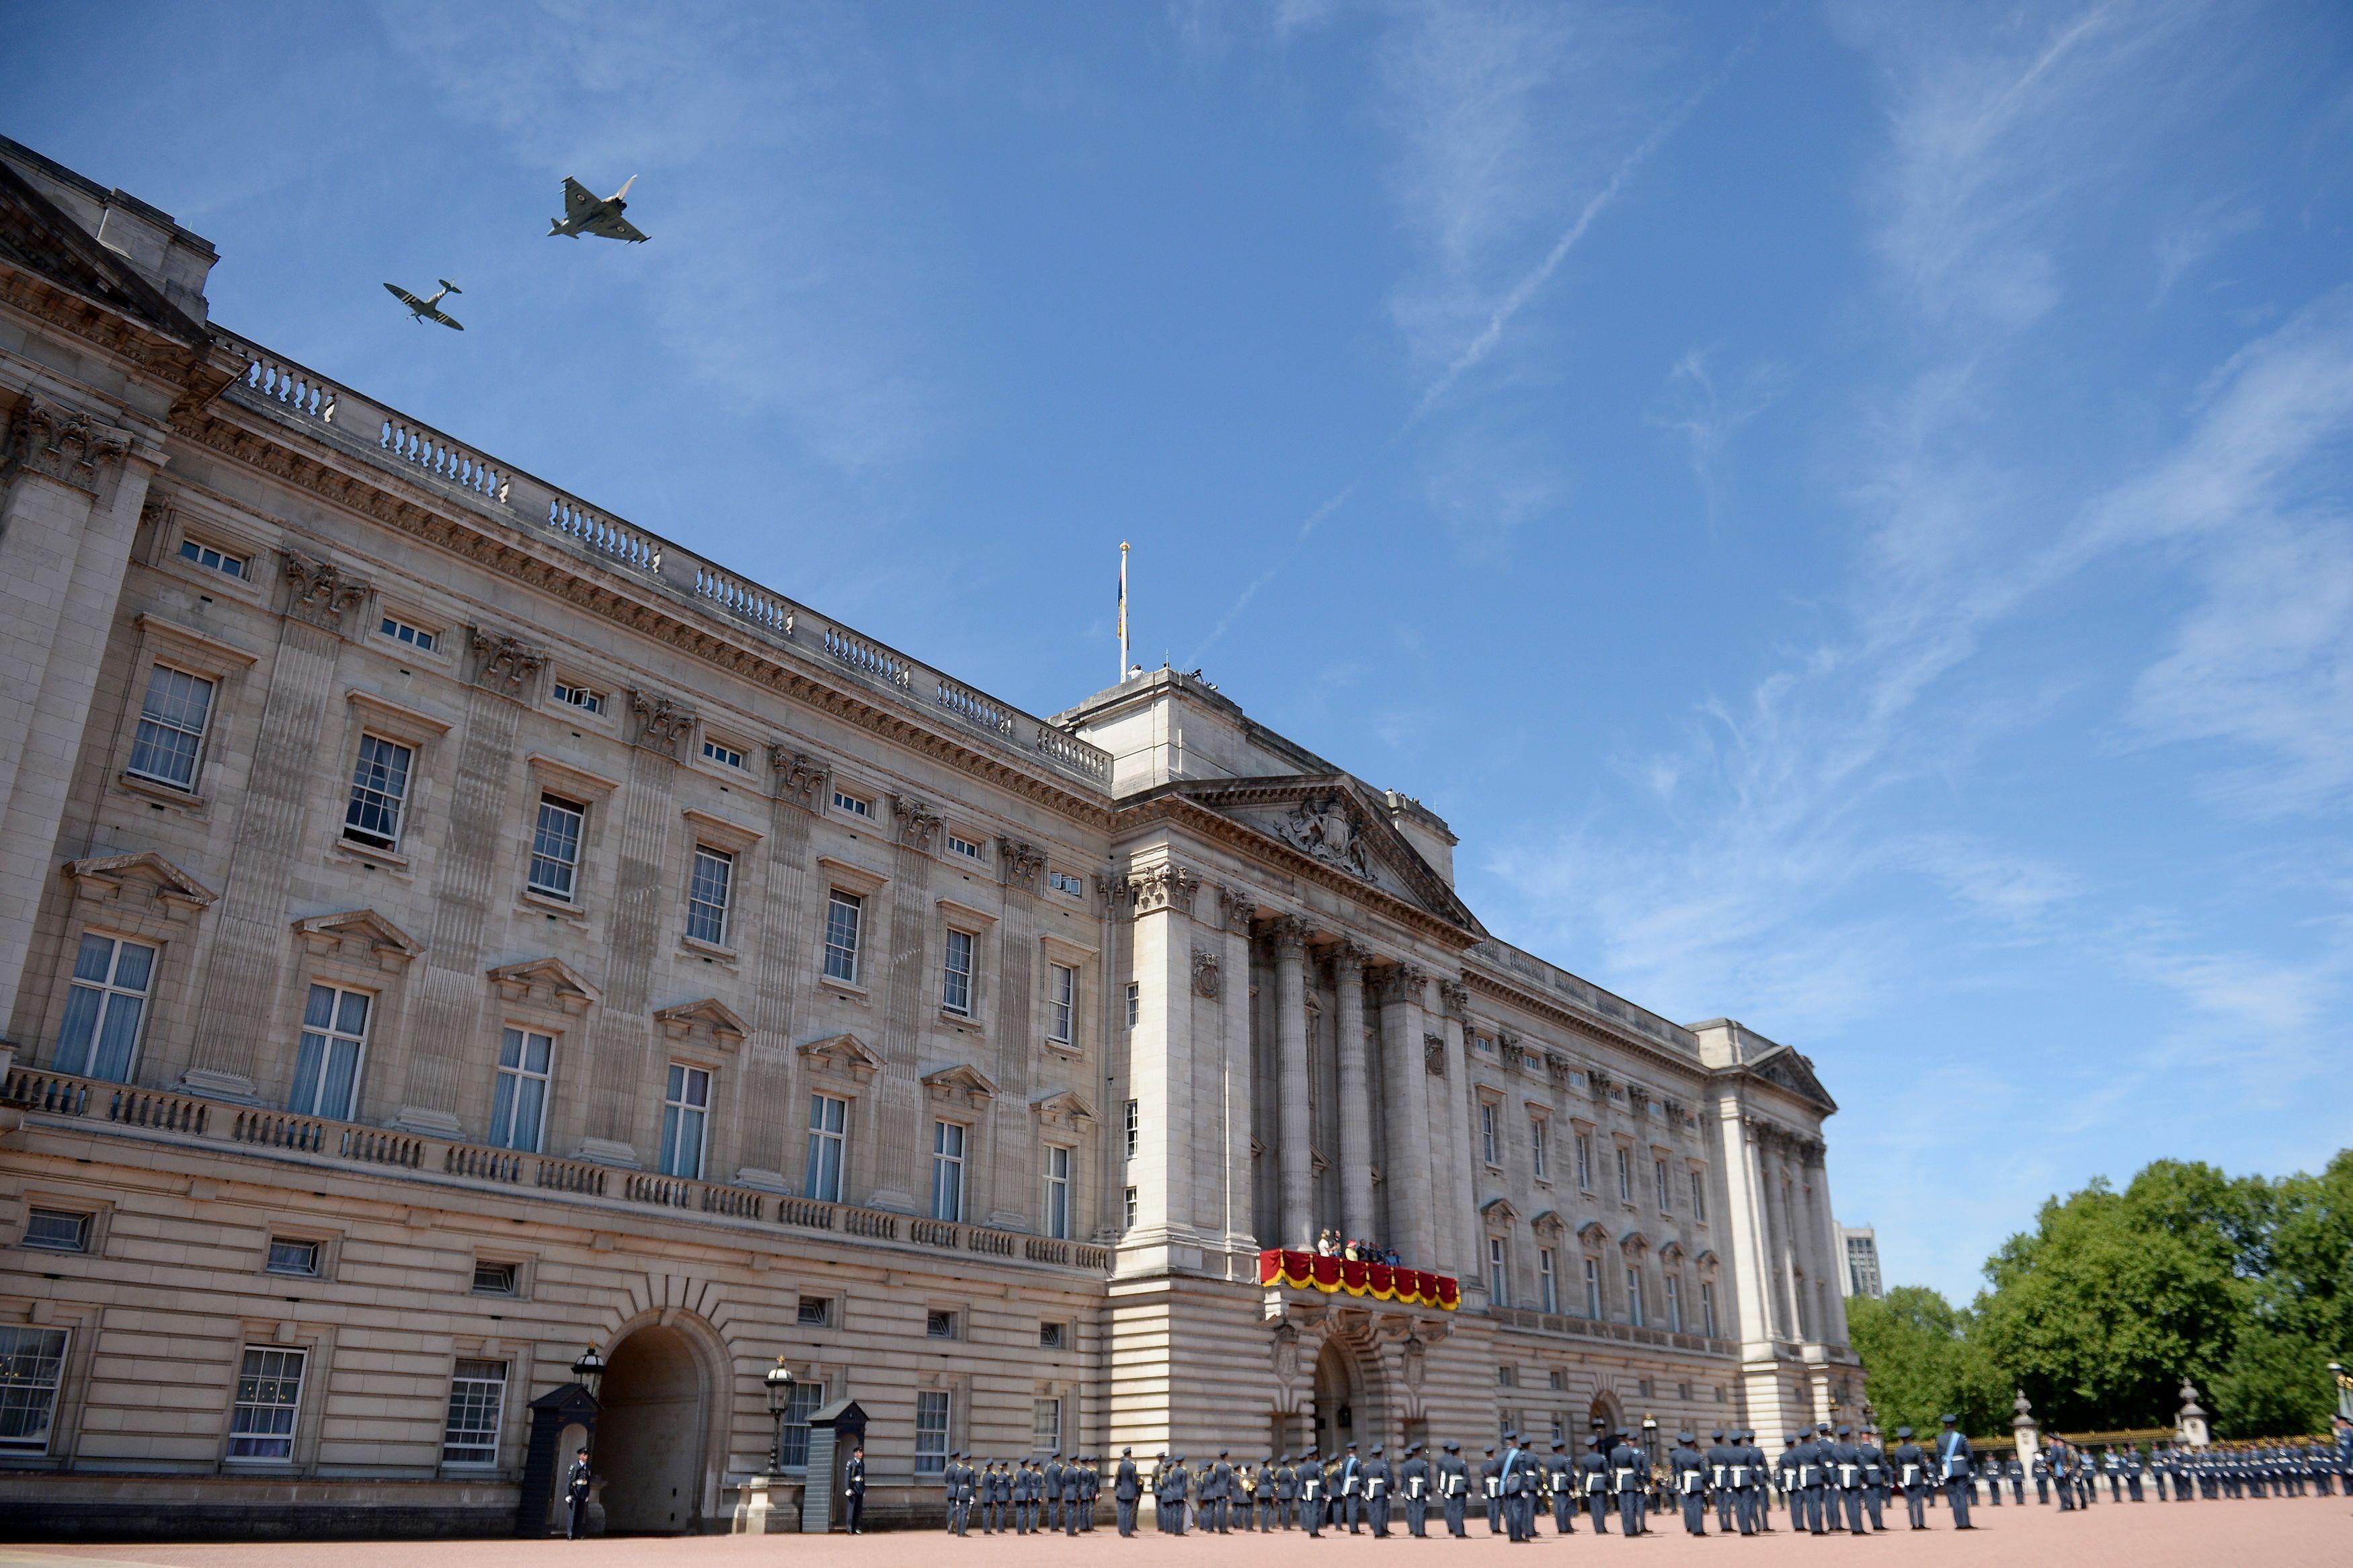 La facciata principale di Buckingham Palace